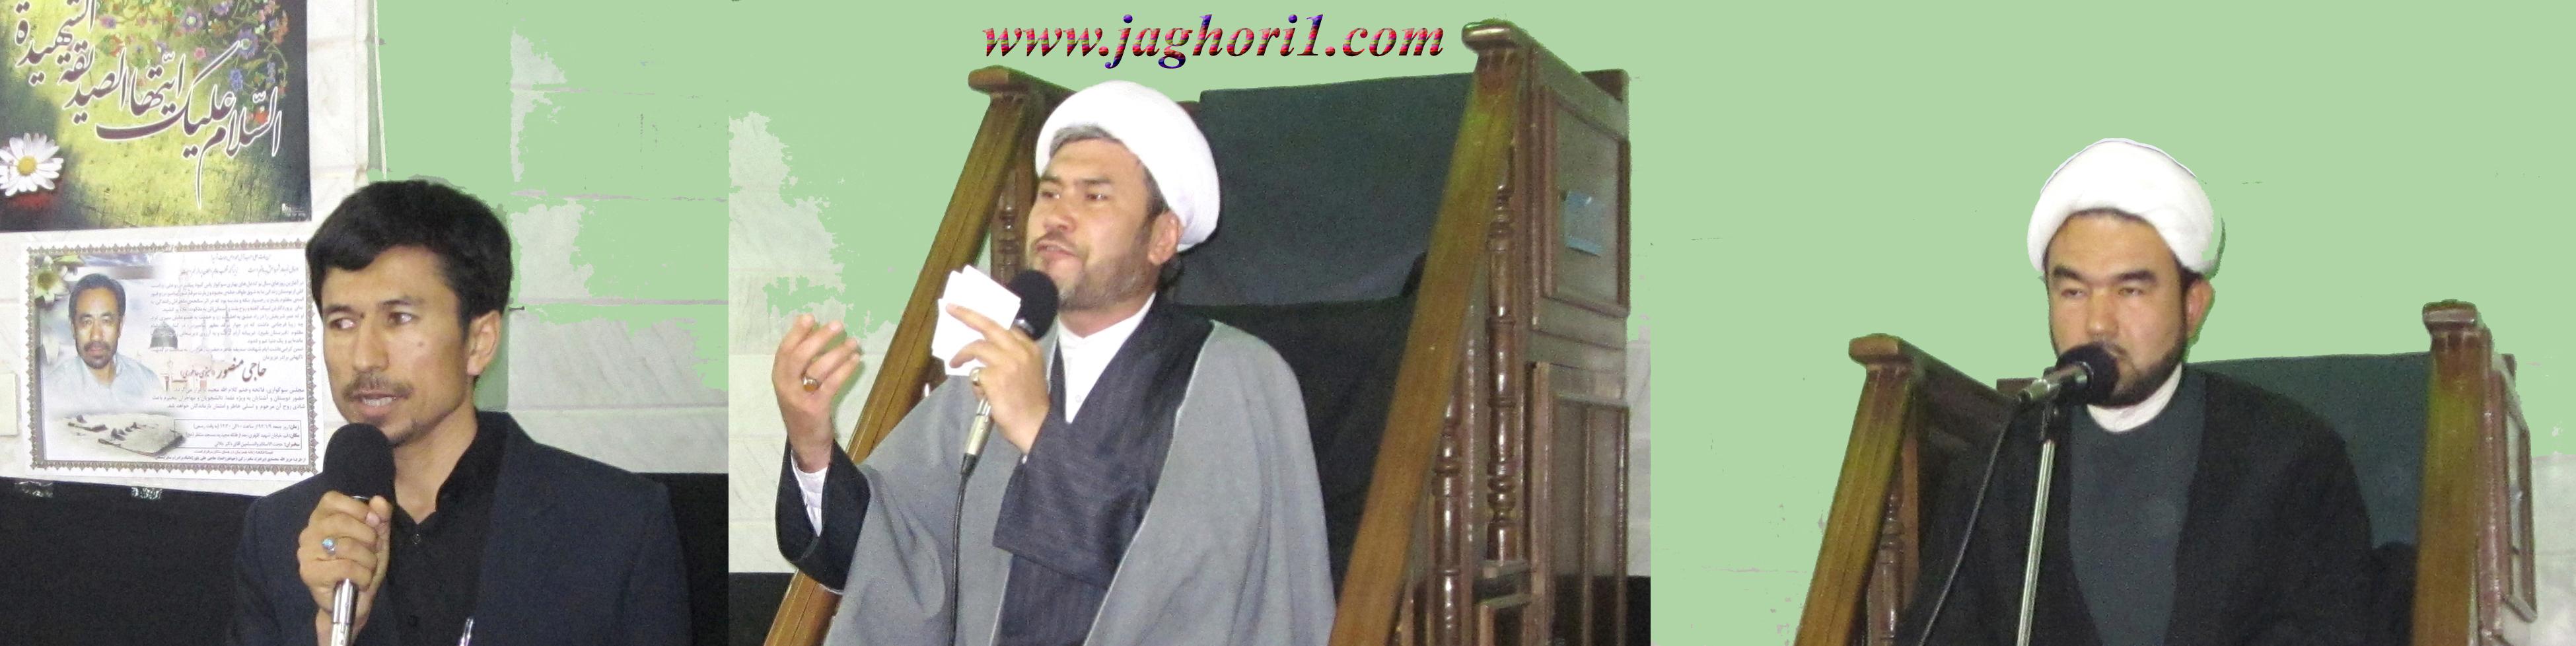 http://jaghori2.persiangig.com/jaghori1/dostan/E-mf.jpg